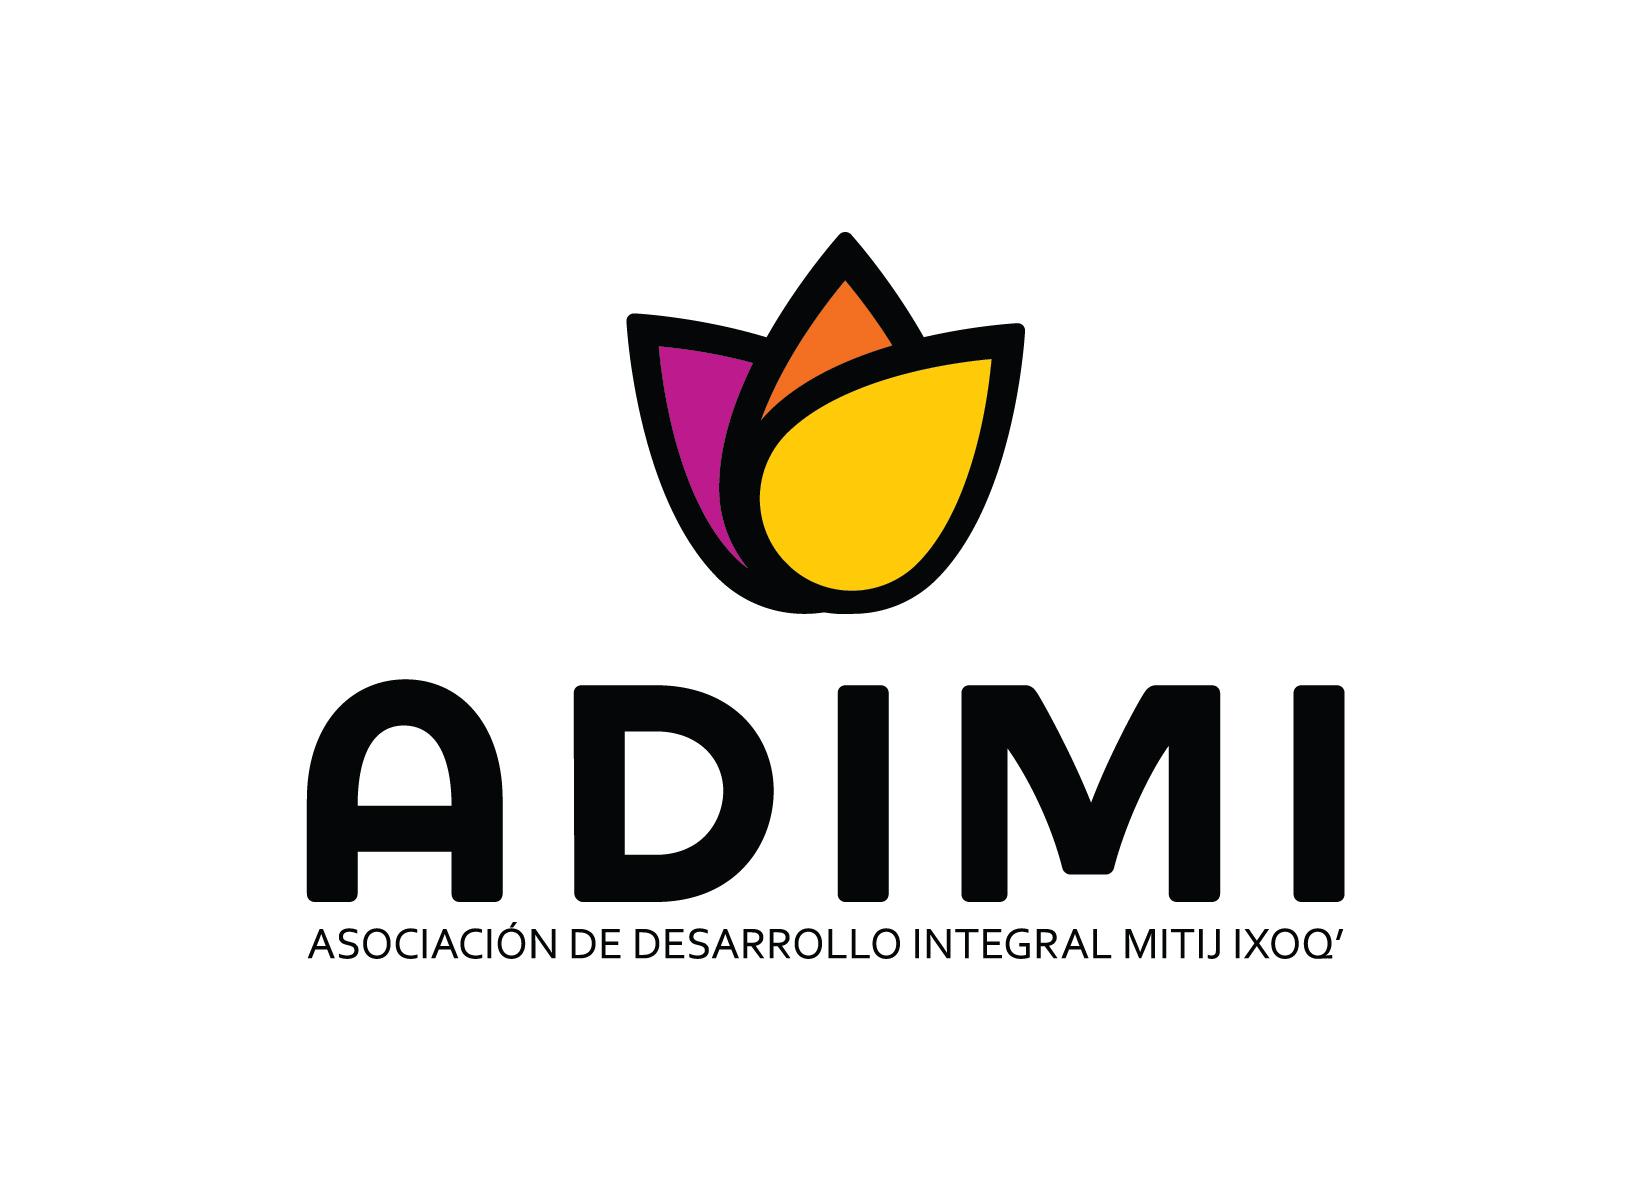 Logotipo ADIMI_jpg.jpg